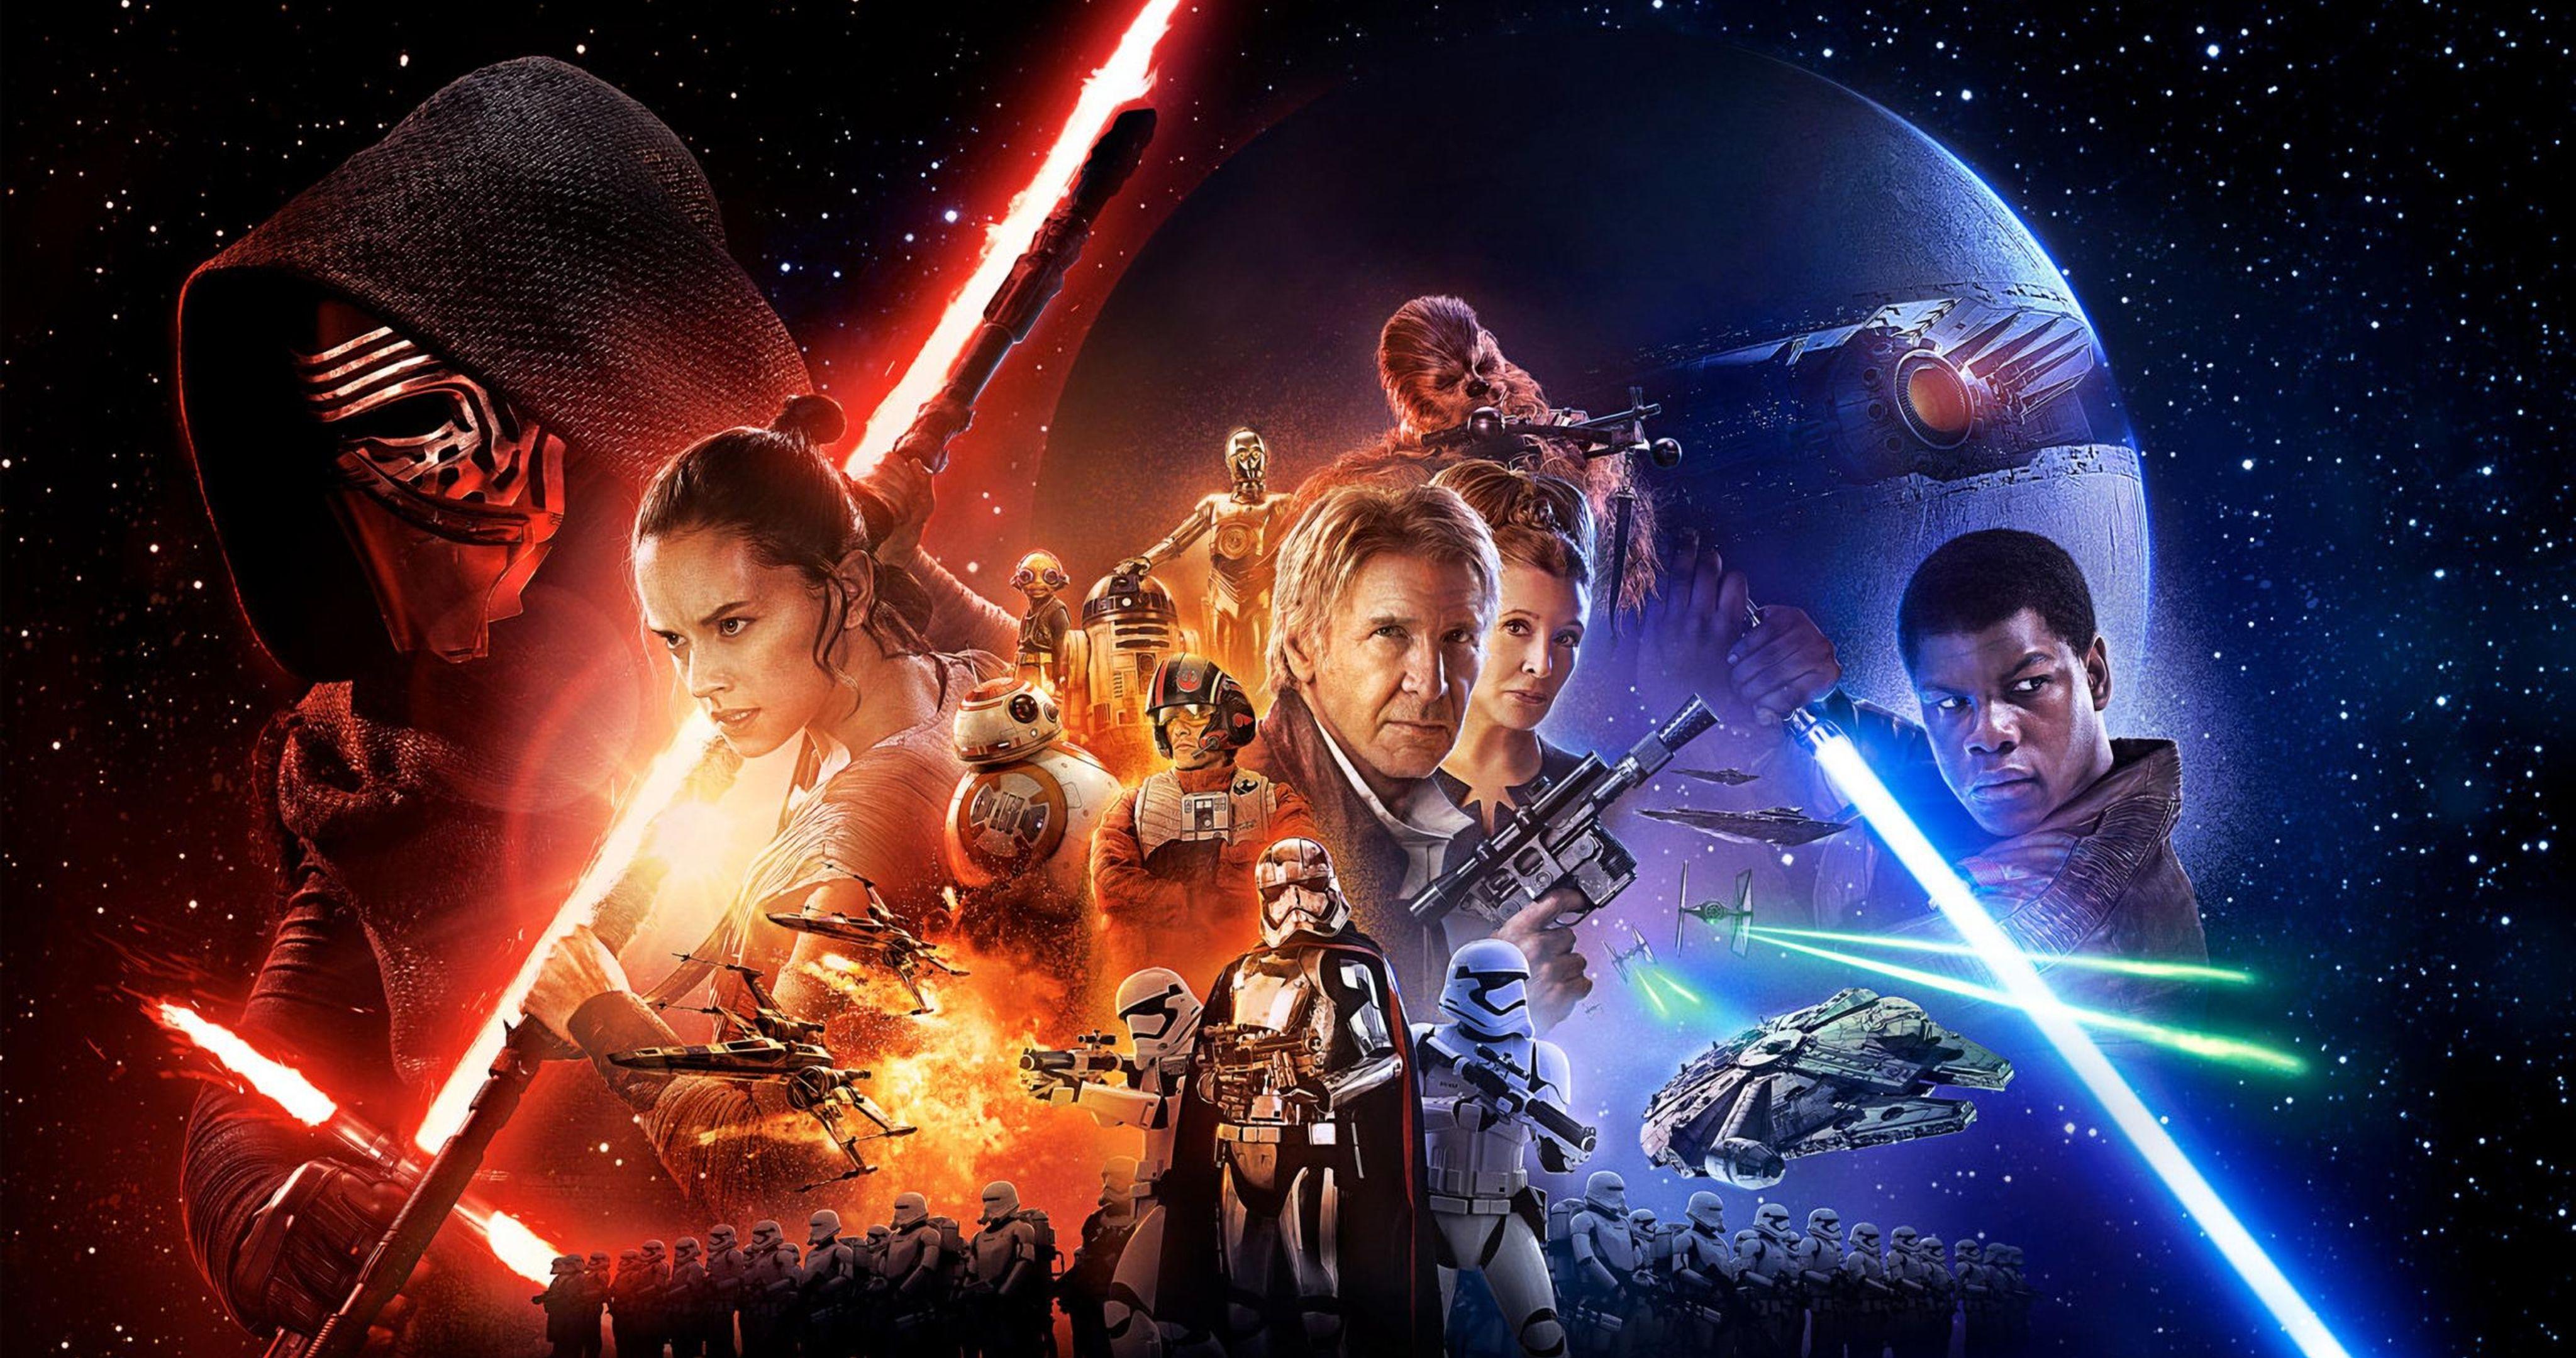 4096x2160 star wars